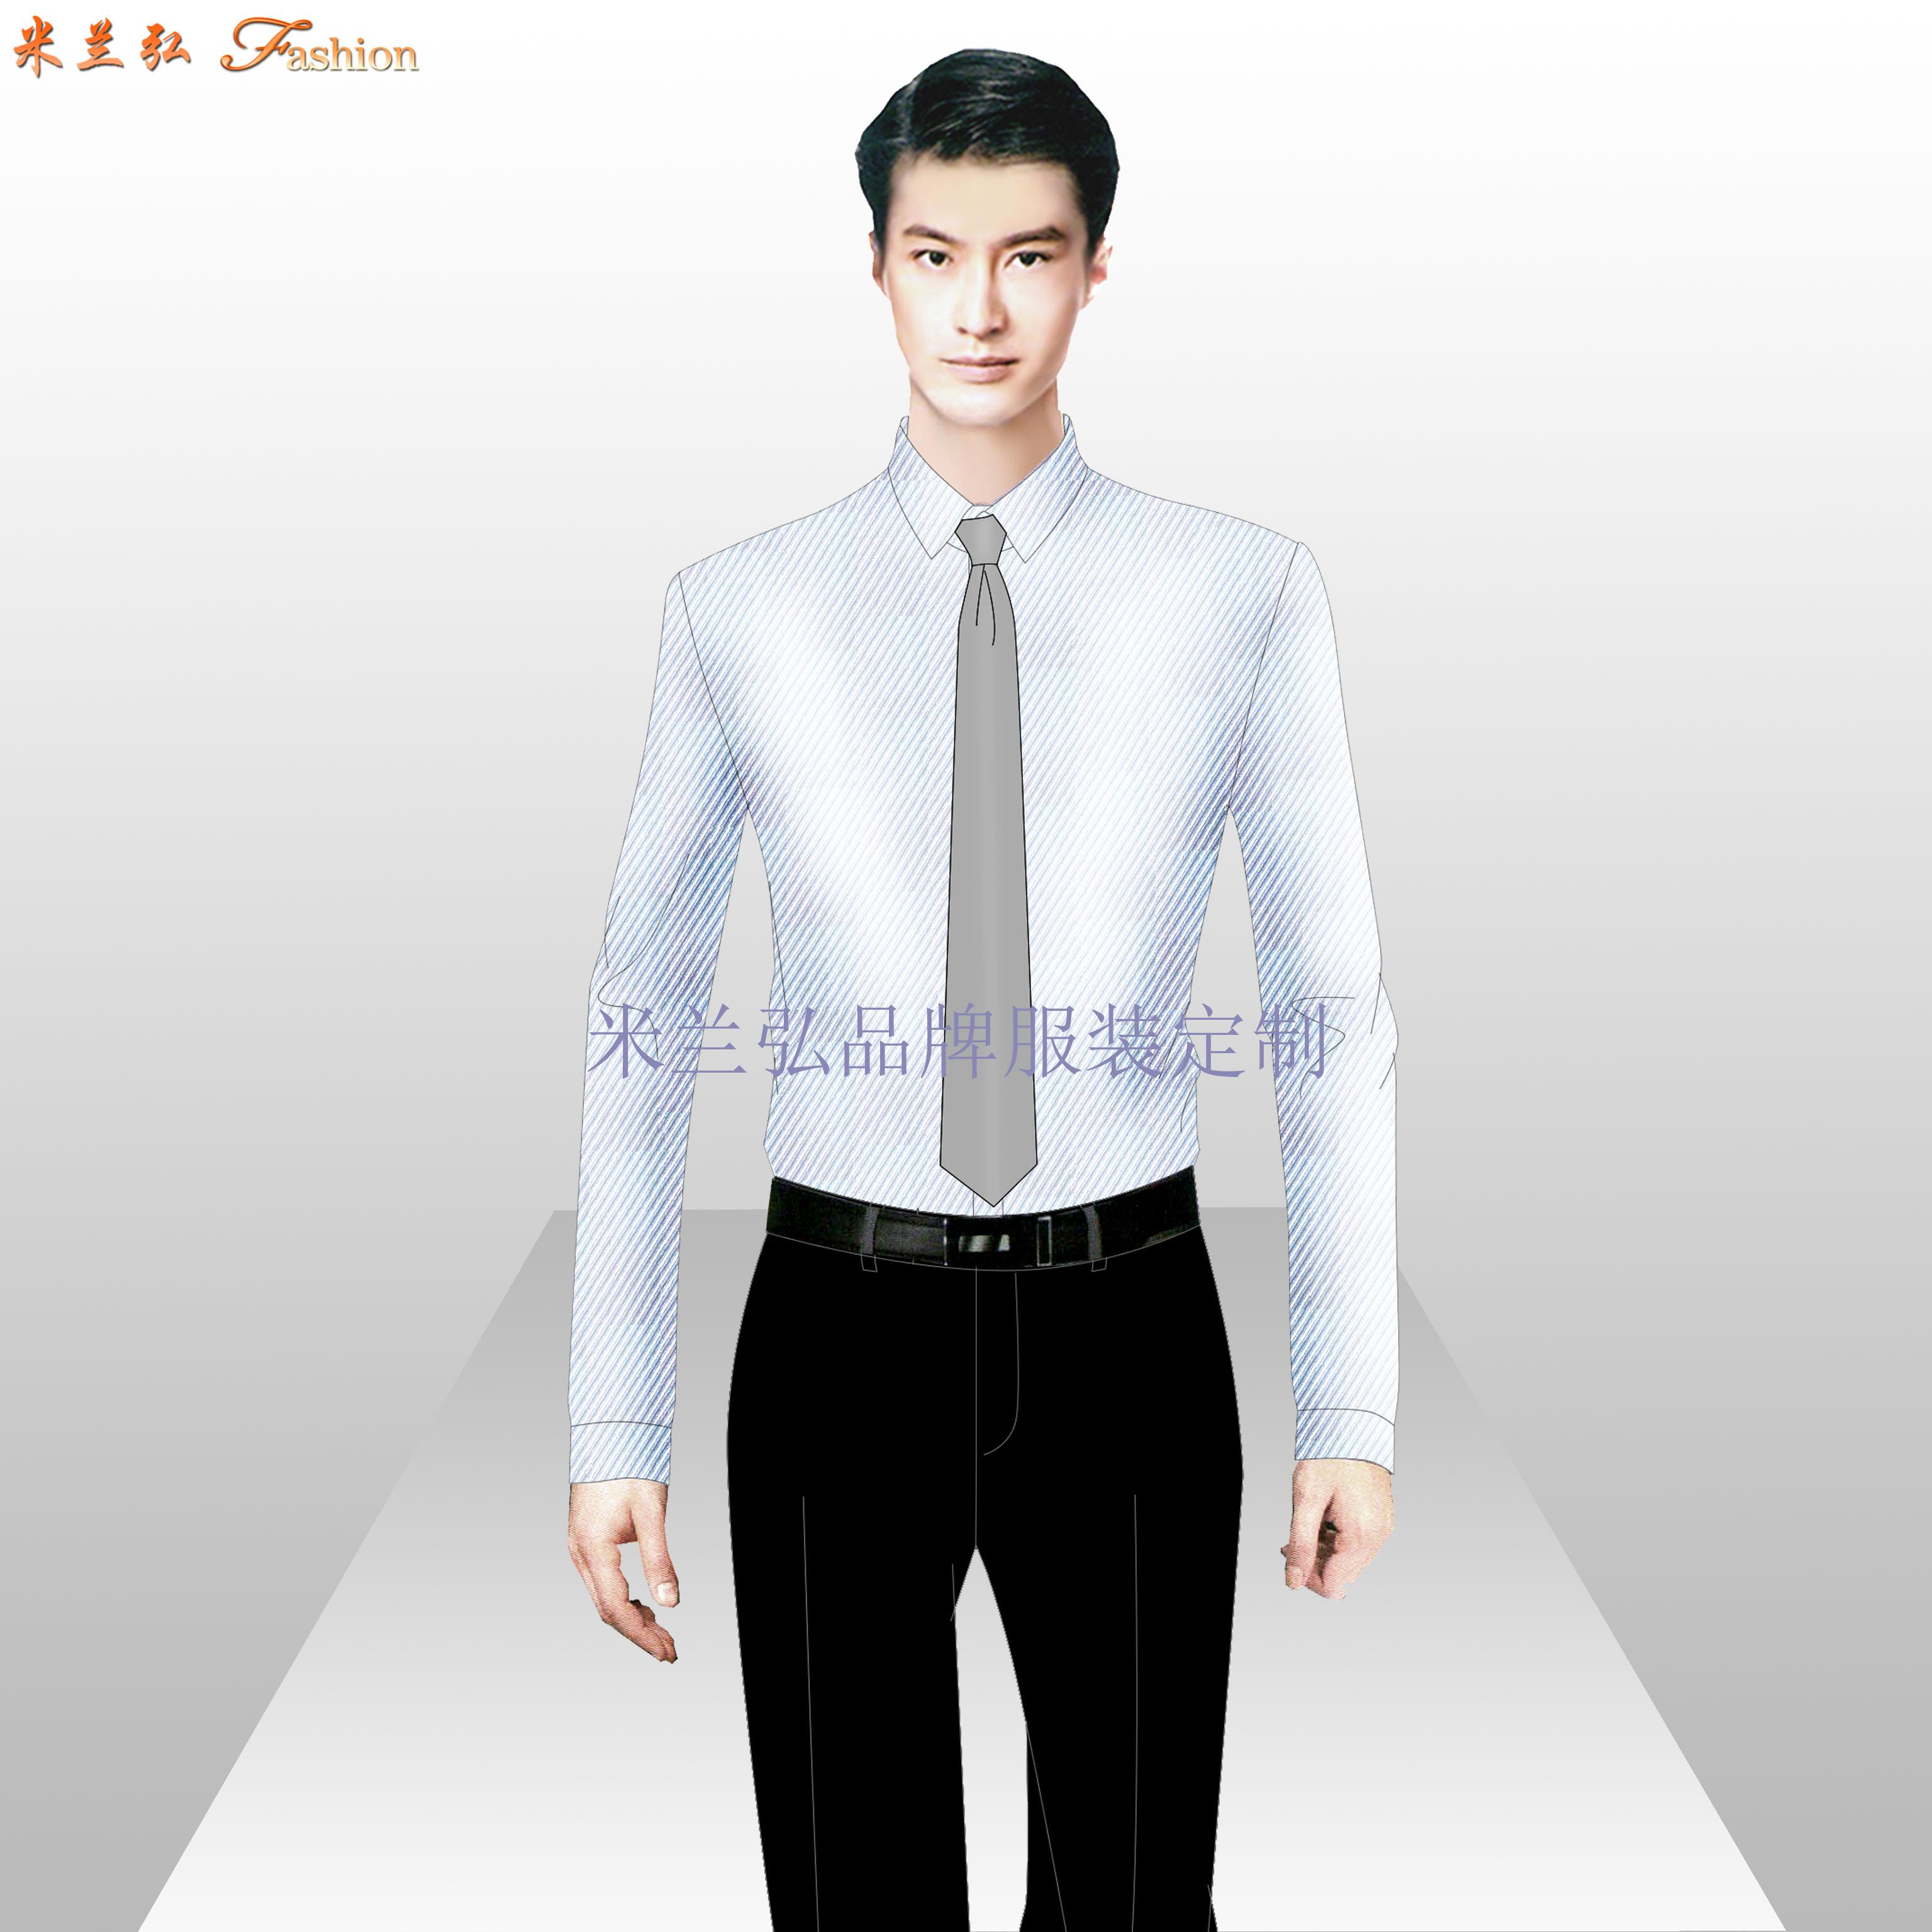 山西衬衫定做厂家_价格_图片_怎么样-蓝冠注册-3